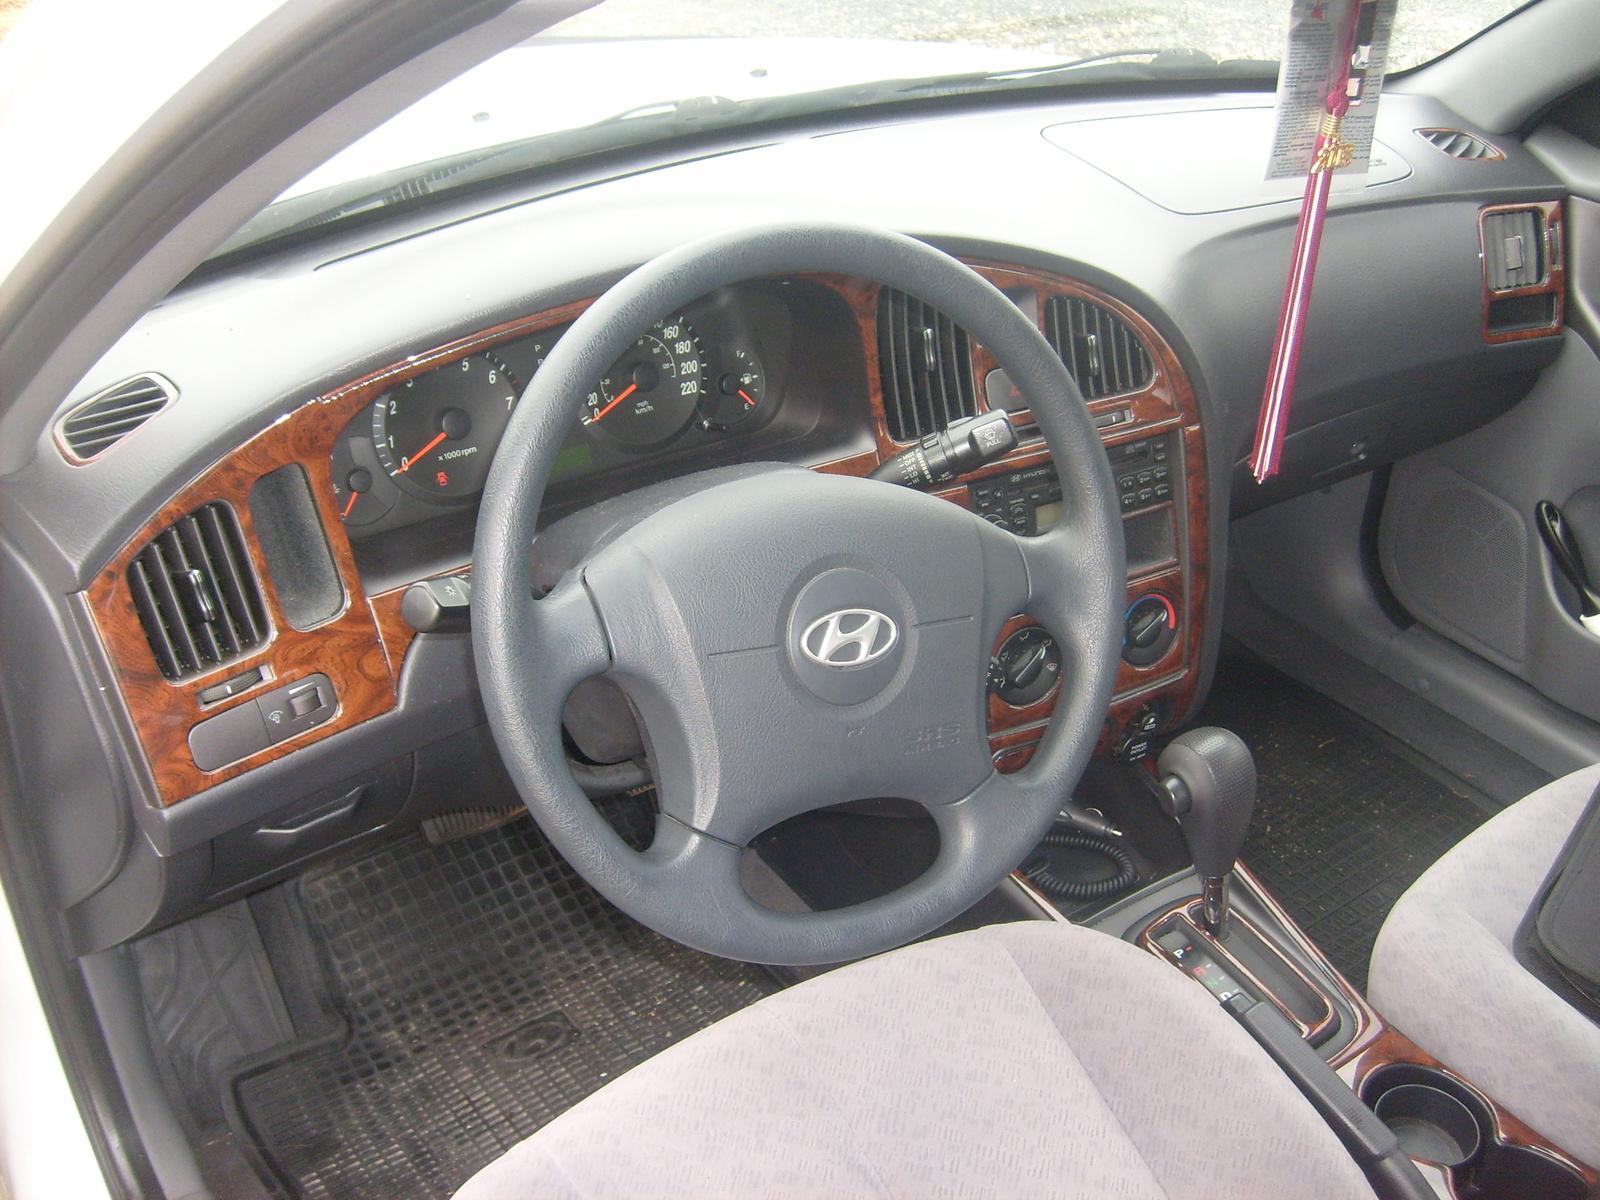 2004 Hyundai Elantra Interior Pictures Cargurus